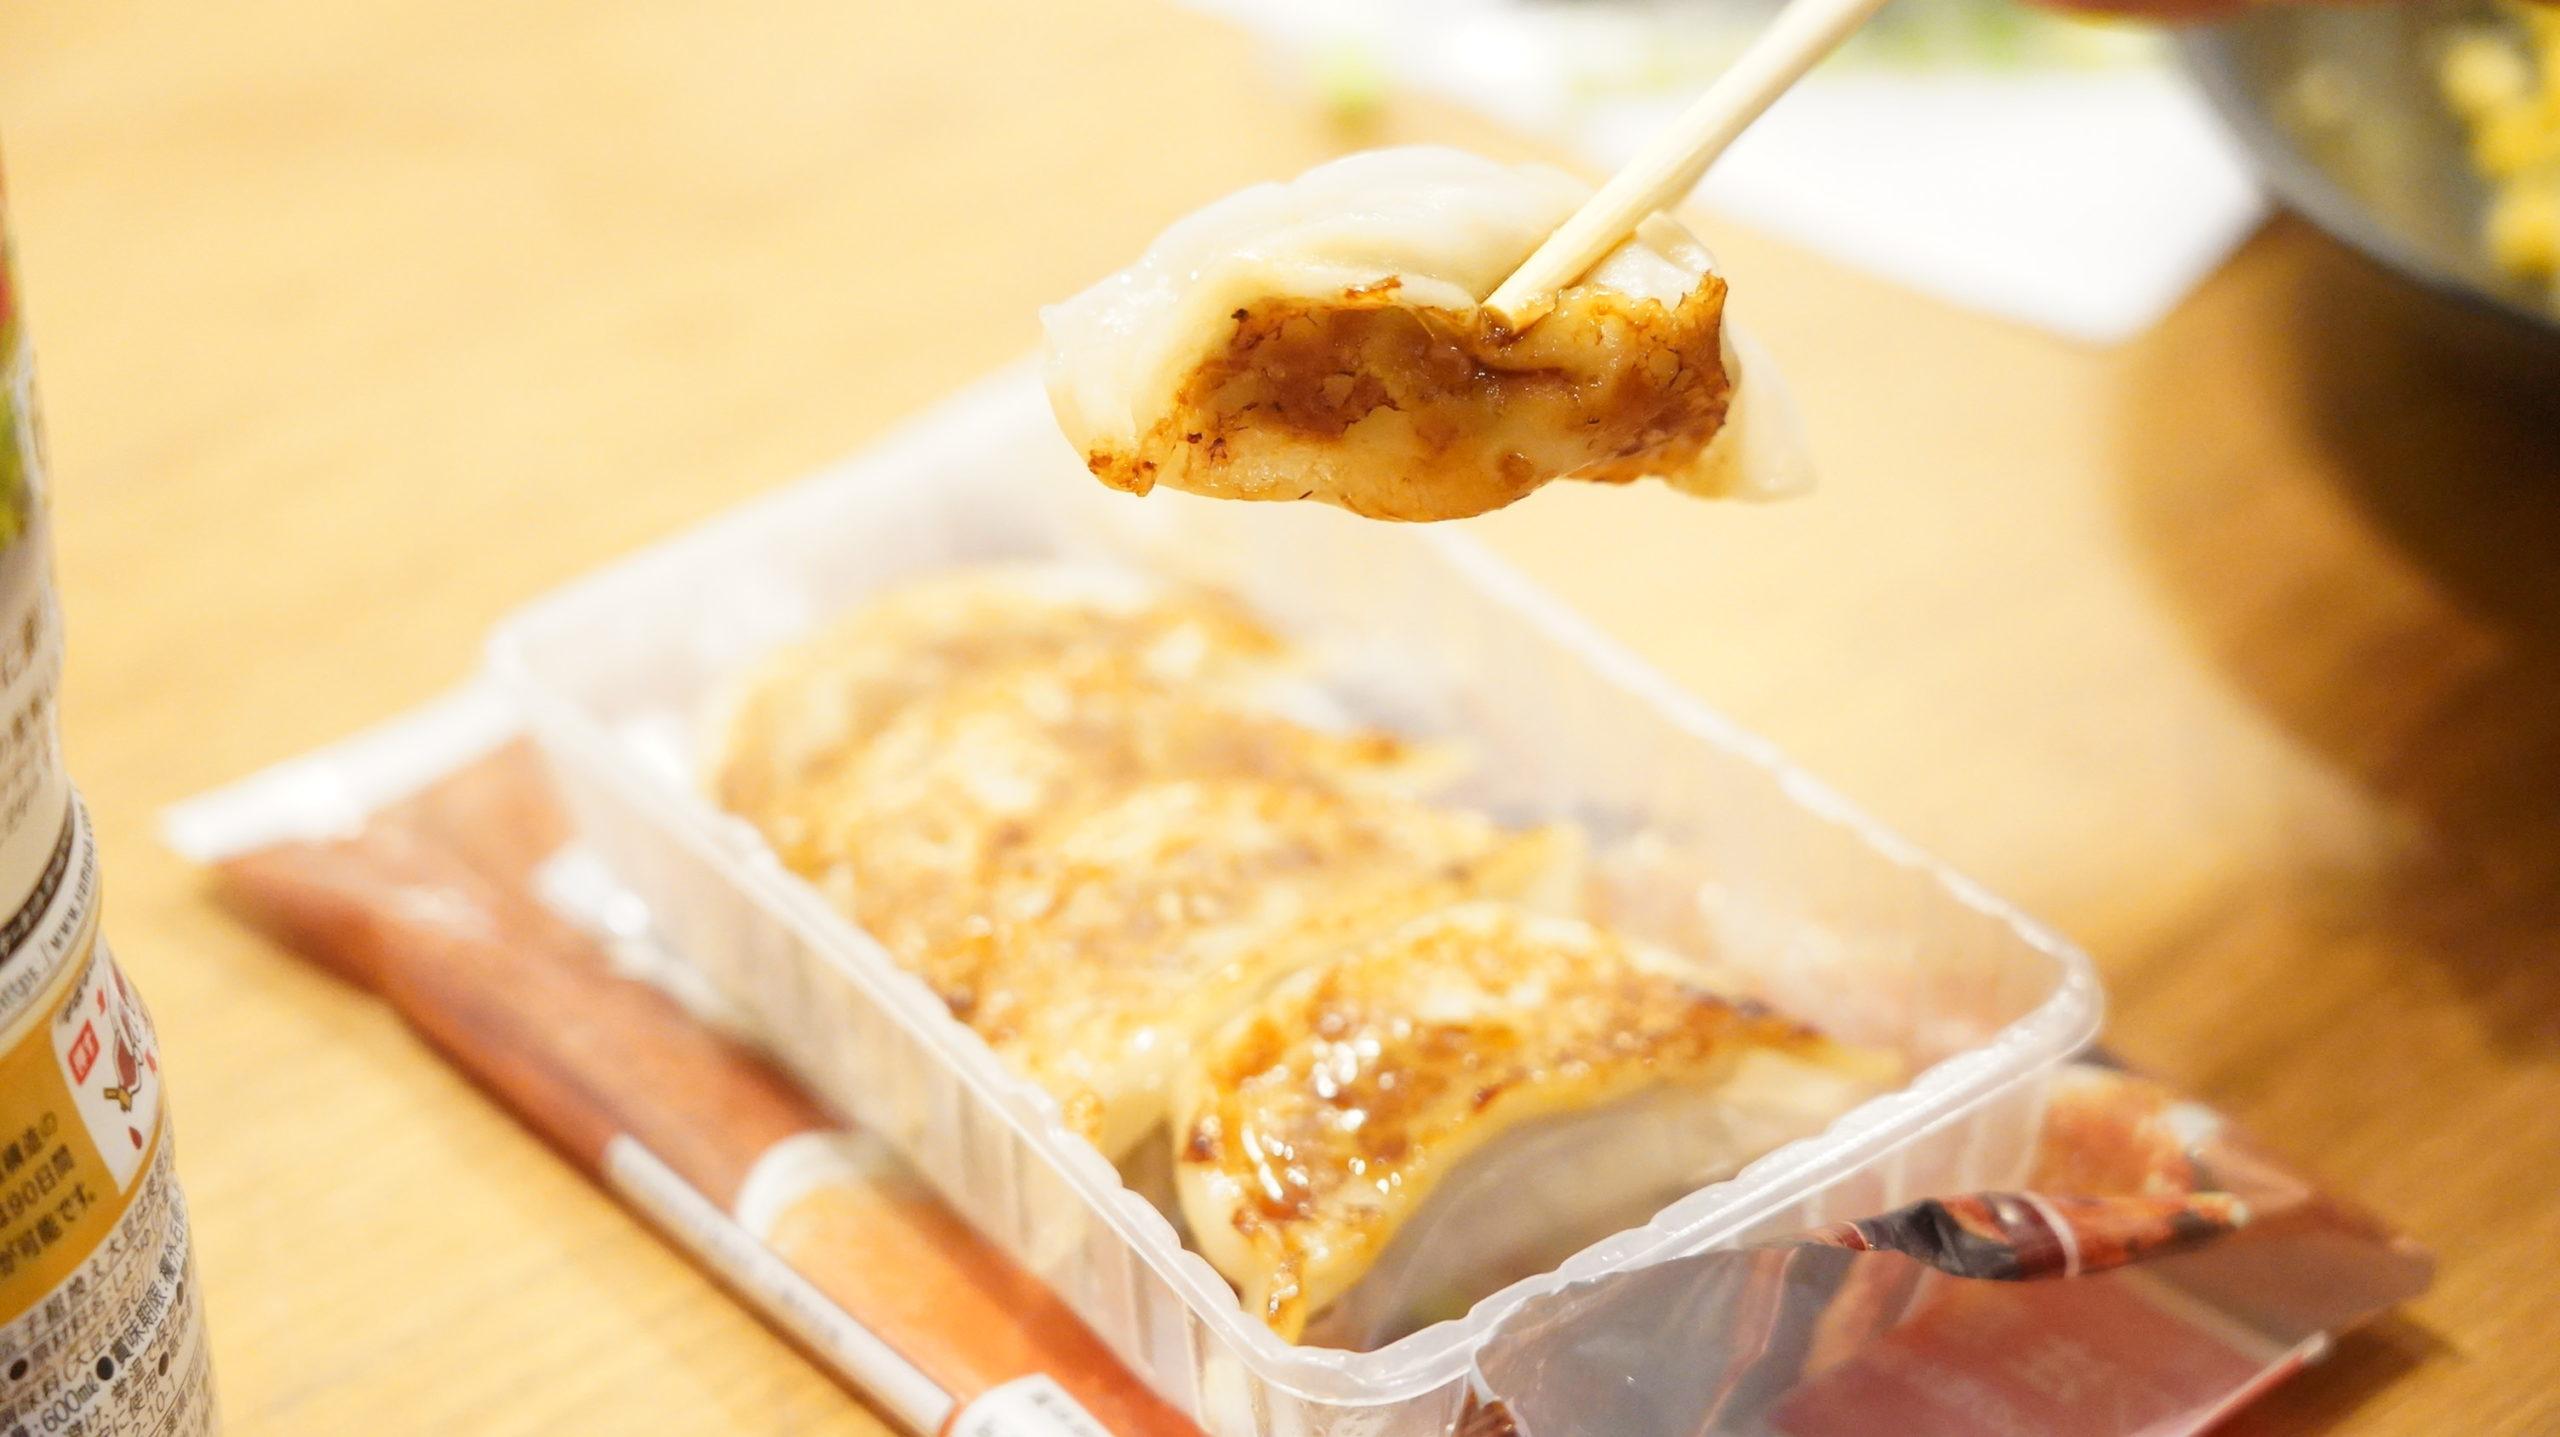 千葉県のセブン限定で売られている「国産の野菜たっぷり焼き餃子」のギョーザを箸でつかんでいる写真